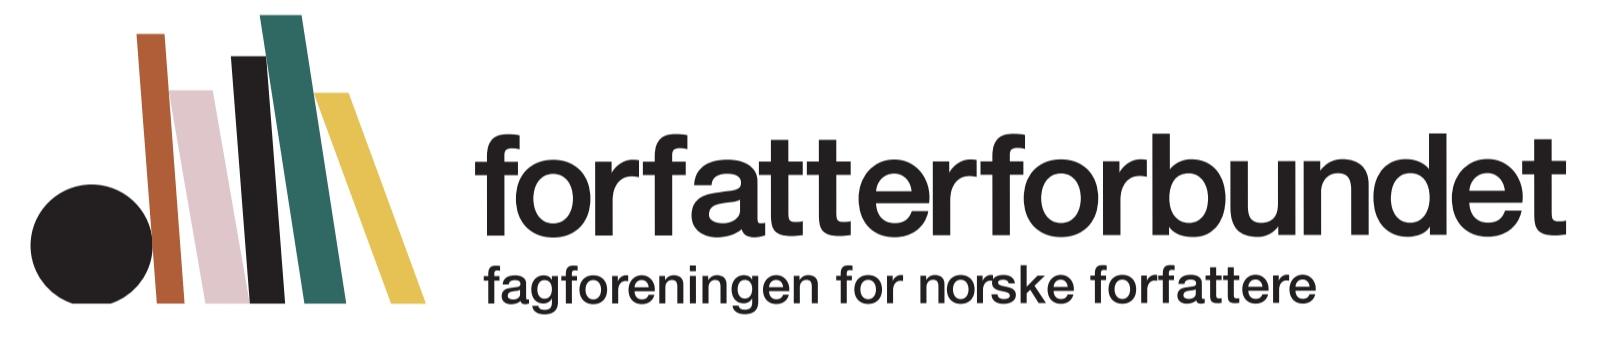 logo forfatterforbundet 1600x350